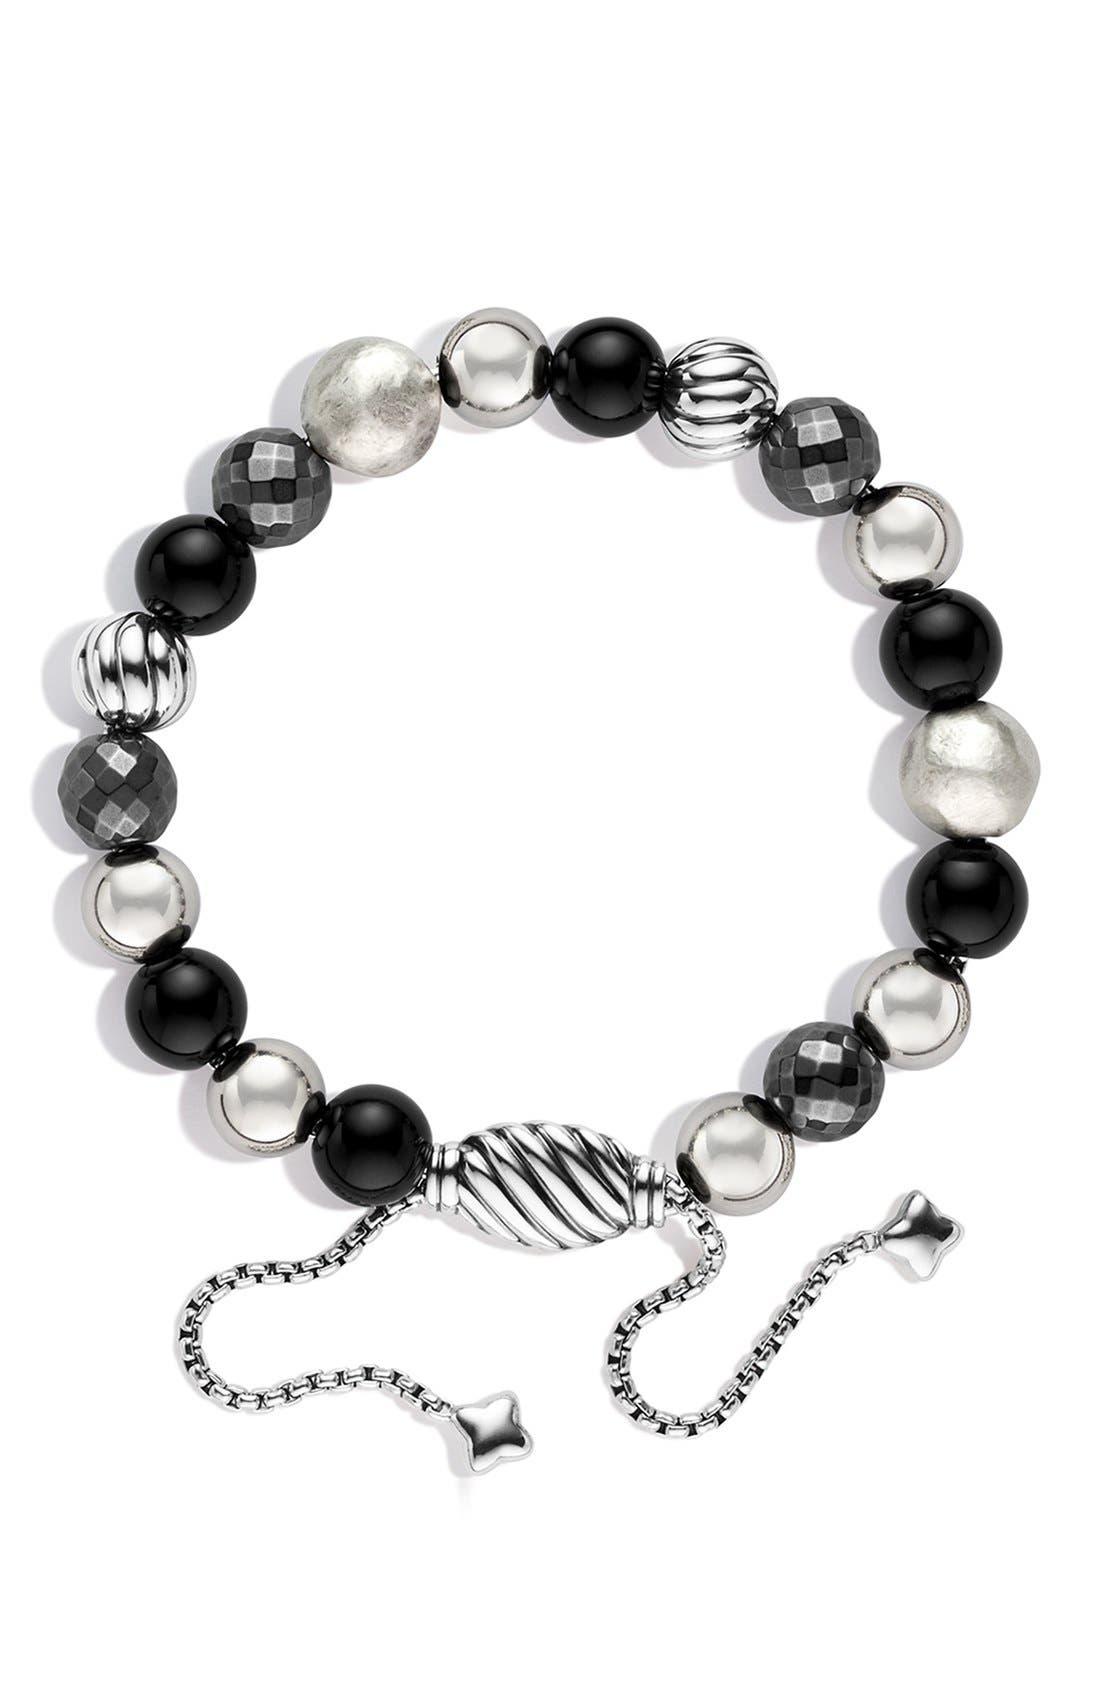 'DY Elements' Bead Bracelet,                             Alternate thumbnail 2, color,                             BLACK ONYX